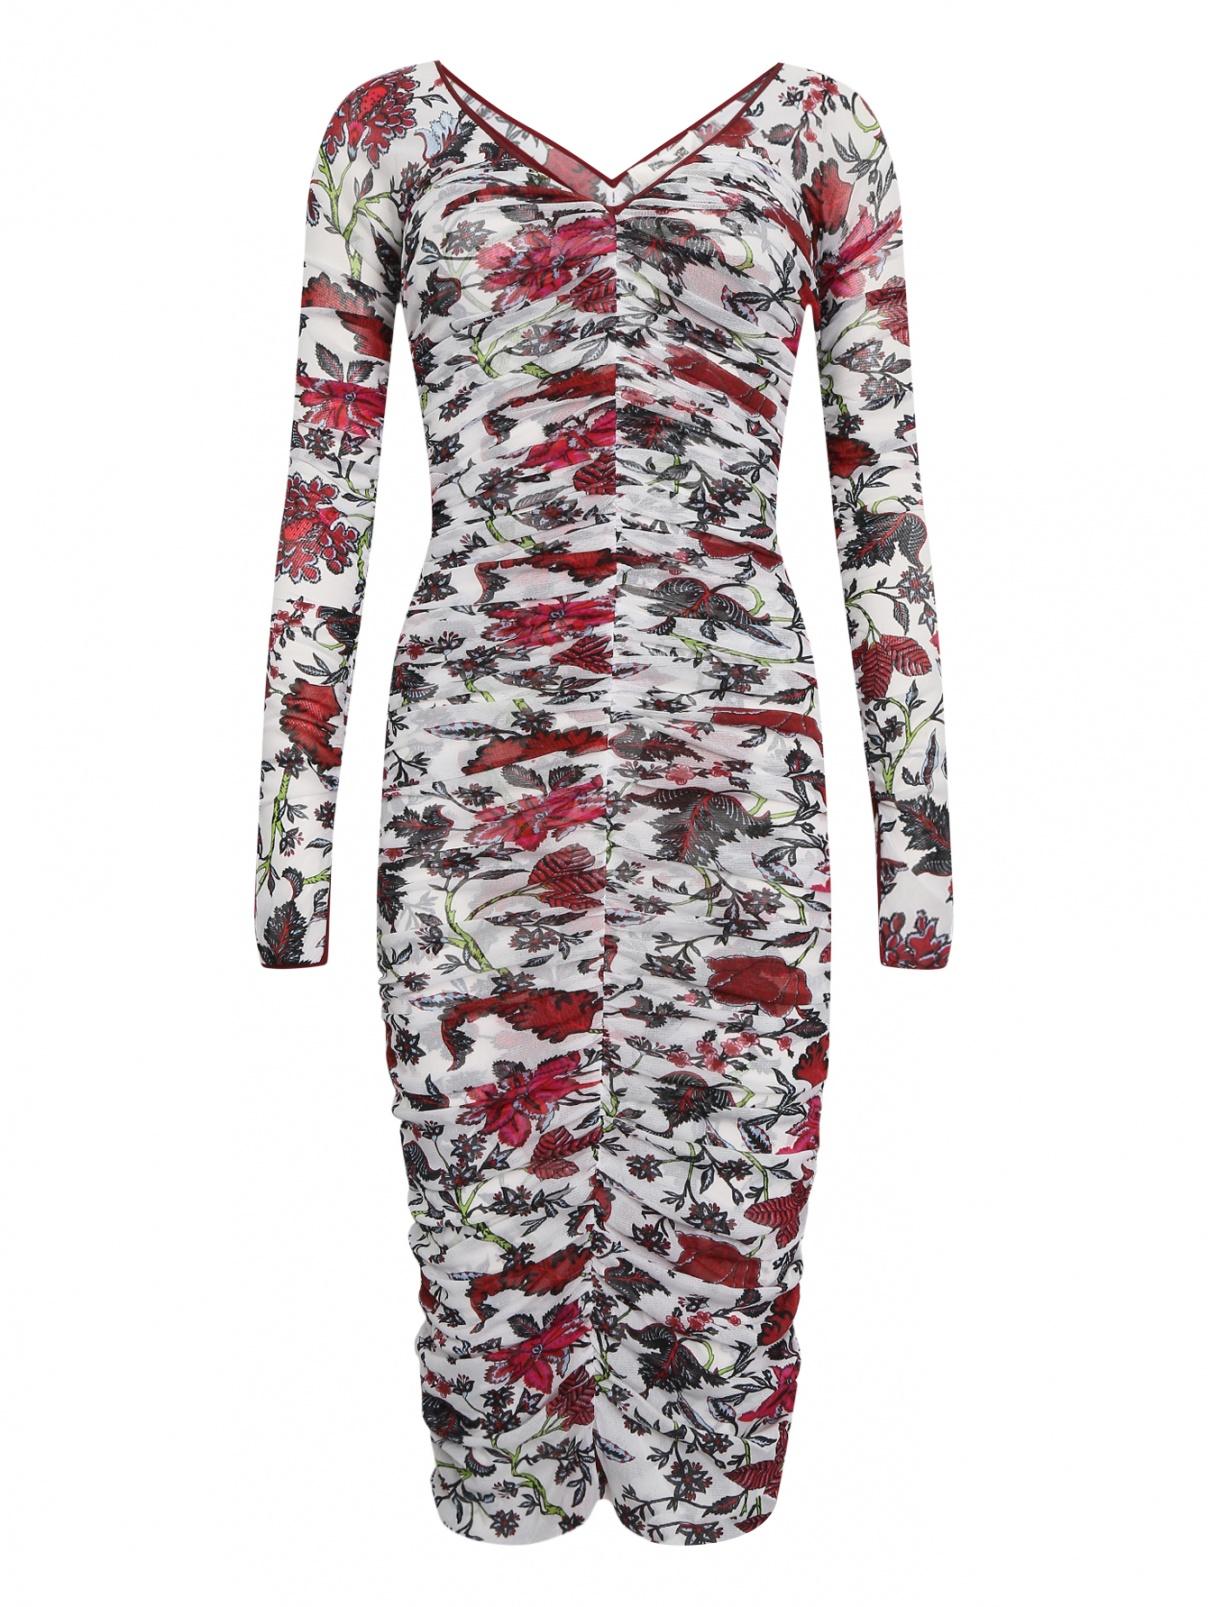 Платье с драпировками Diane von Furstenberg  –  Общий вид  – Цвет:  Белый